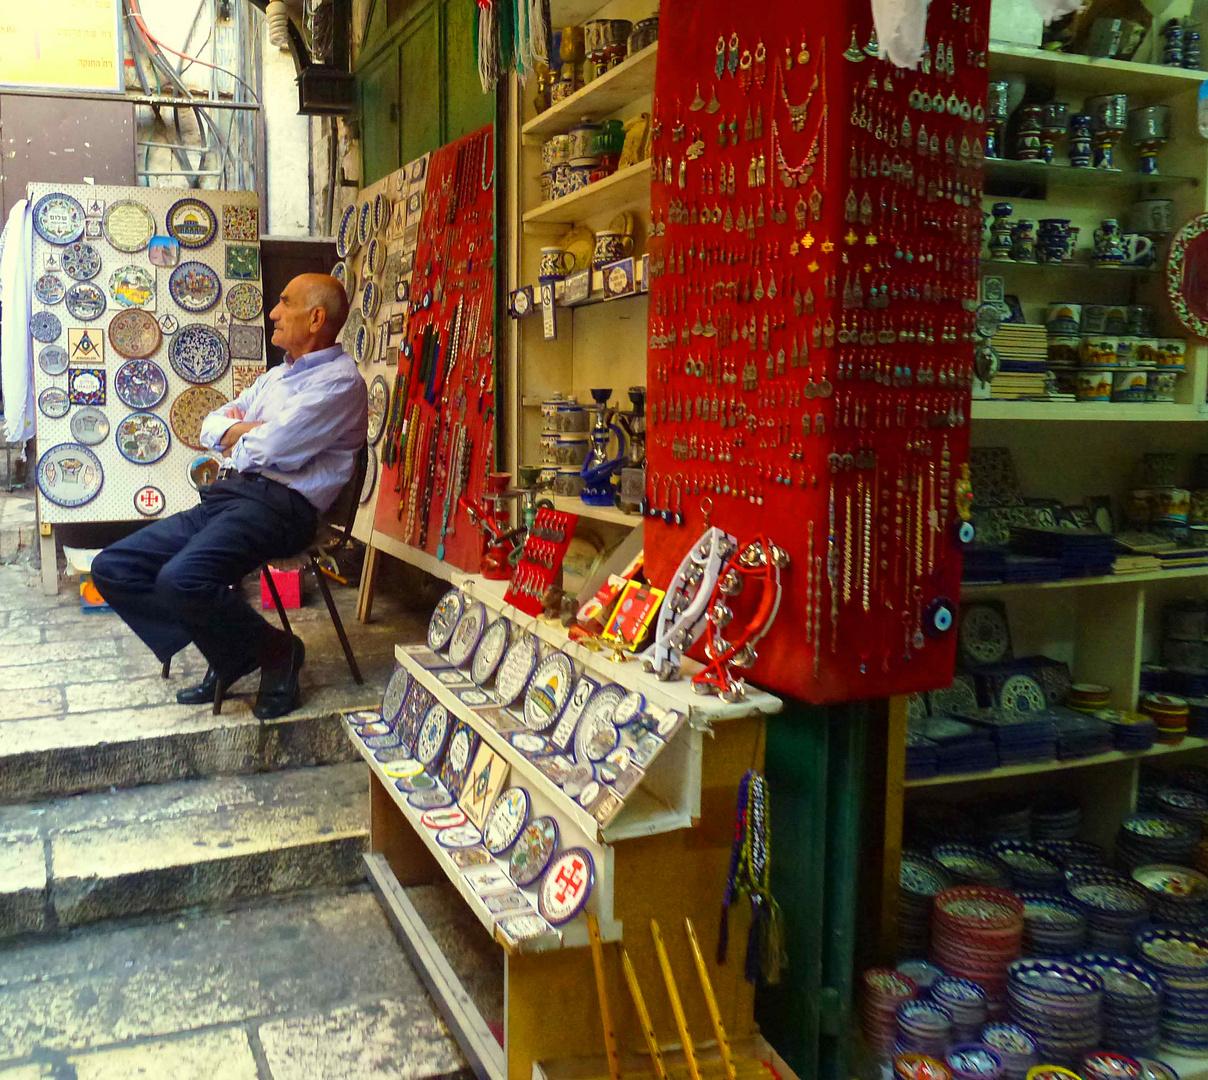 Händler vor seinem Laden an der via dolorosa in der Jerusalemer Altstadt